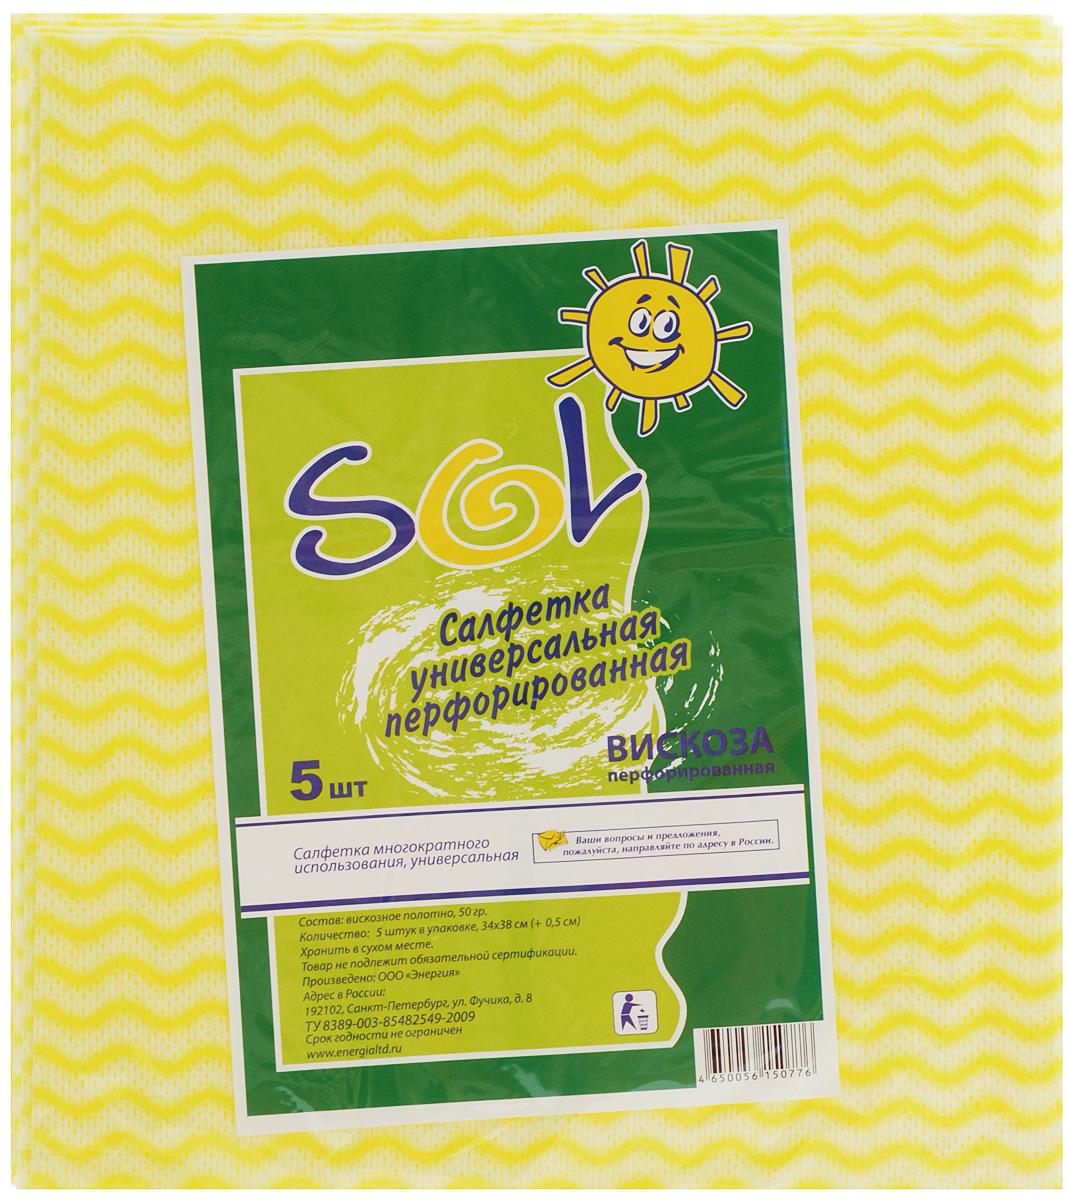 Салфетка для уборки Sol из вискозы, перфорированная, цвет: желтый, 34 x 38 см, 5 шт10005/10053_желтый 2Перфорированные салфетки для уборки Sol, выполненные из вискозы, предназначены для уборки и могут применяться с различными моющими средствами. Эффективно впитывают жидкость. Мягкие и прочные, легко отжимаются и быстро сохнут. Рекомендации по уходу: Для обеспечения гигиеничности уборки после применения прополоскать в теплой воде. Для продления срока службы не применять машинную стирку, не гладить и не кипятить.